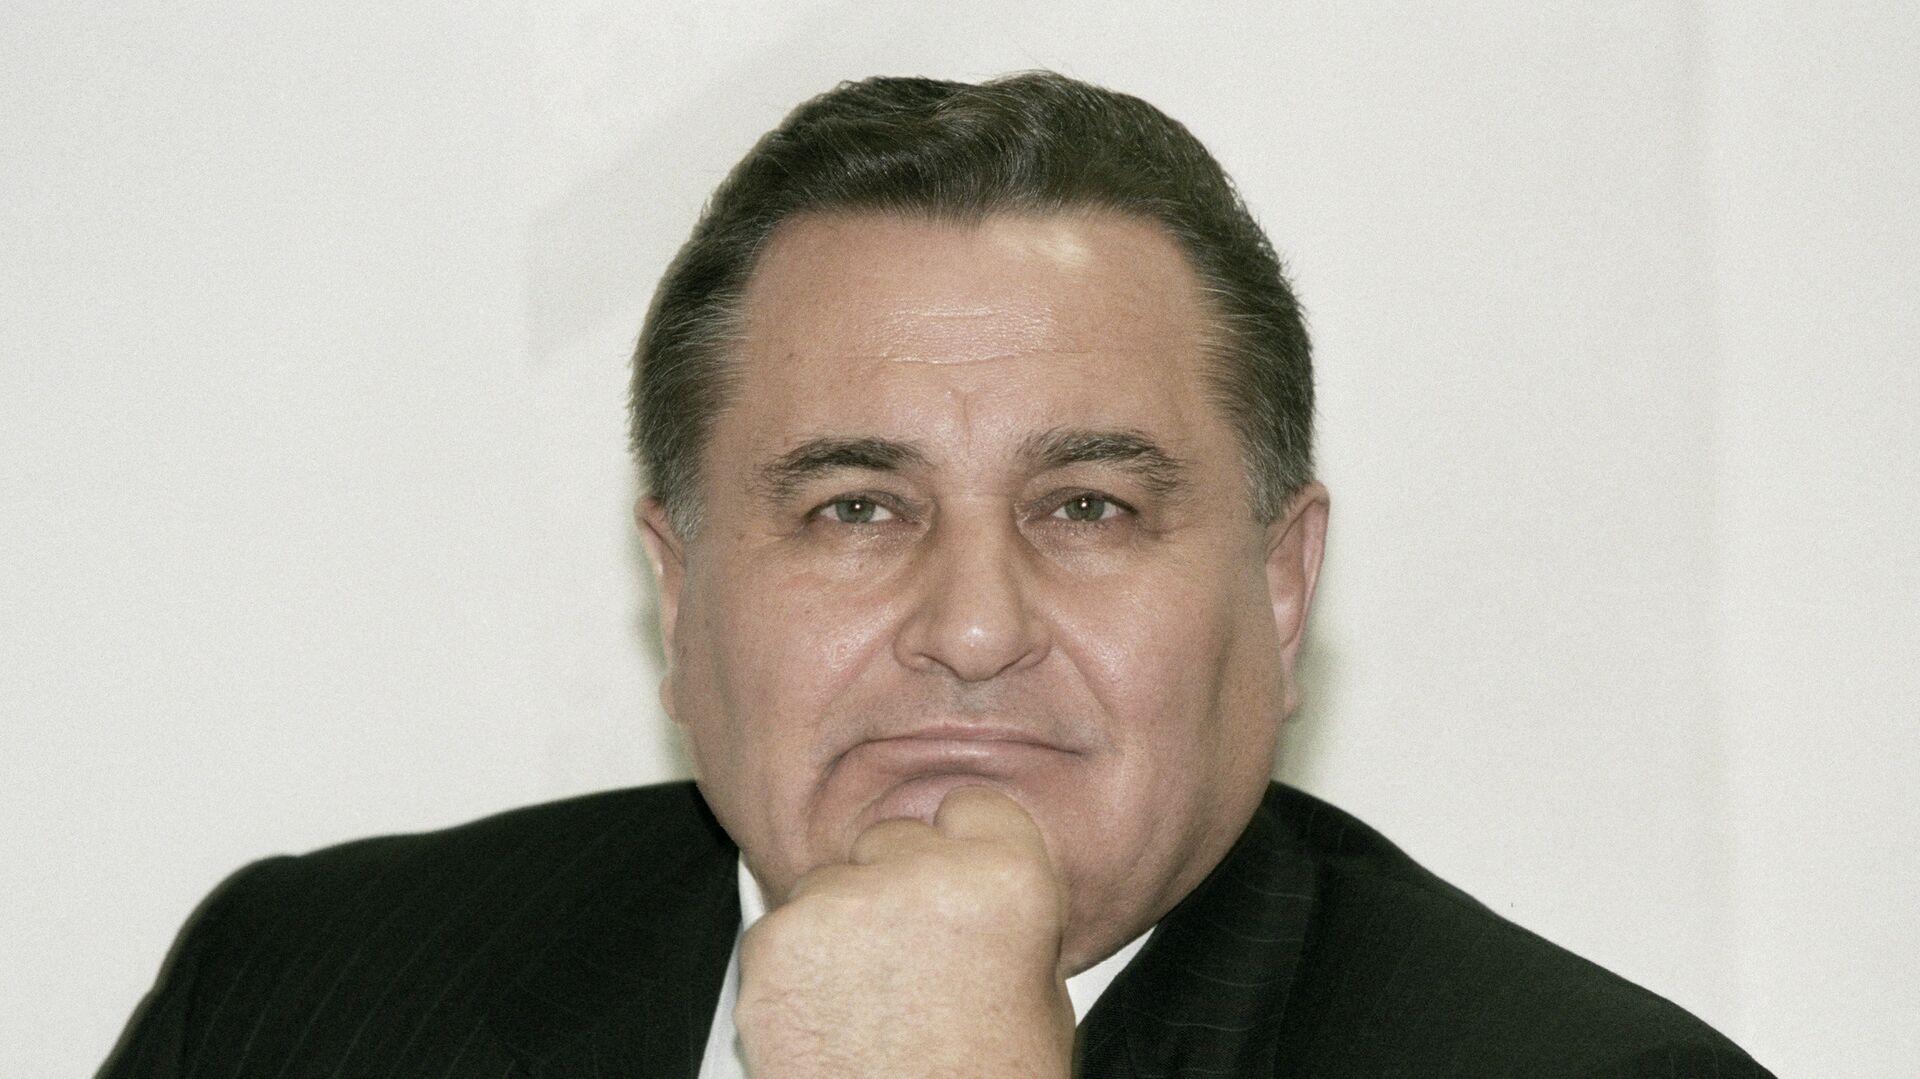 Экс-министр обороны Украины Евгений Марчук - РИА Новости, 1920, 05.08.2021